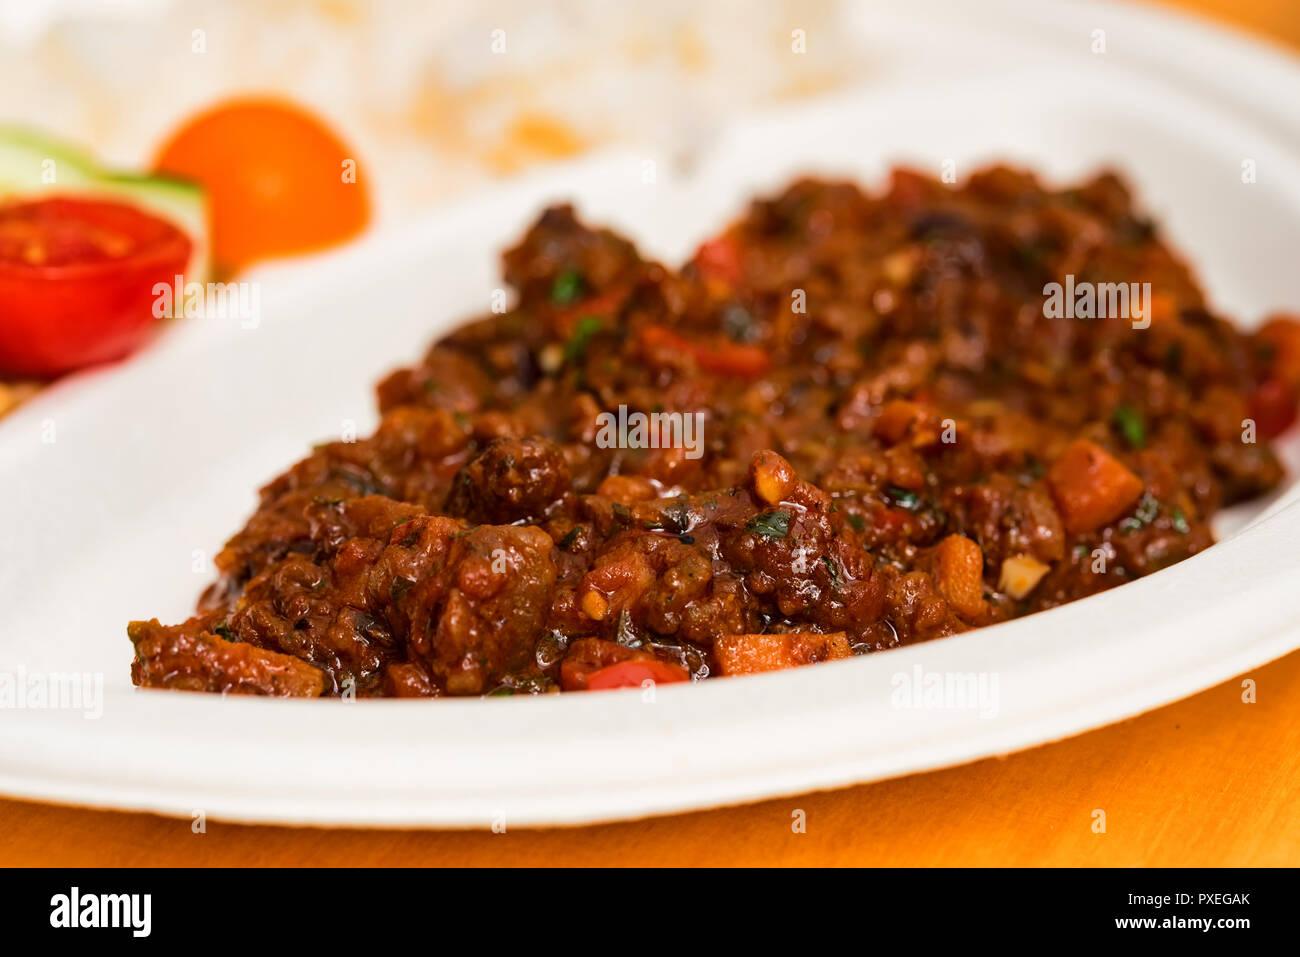 Traditionelle Mexikanische Chili Bohnen Suppe Oder Chili Con Carne